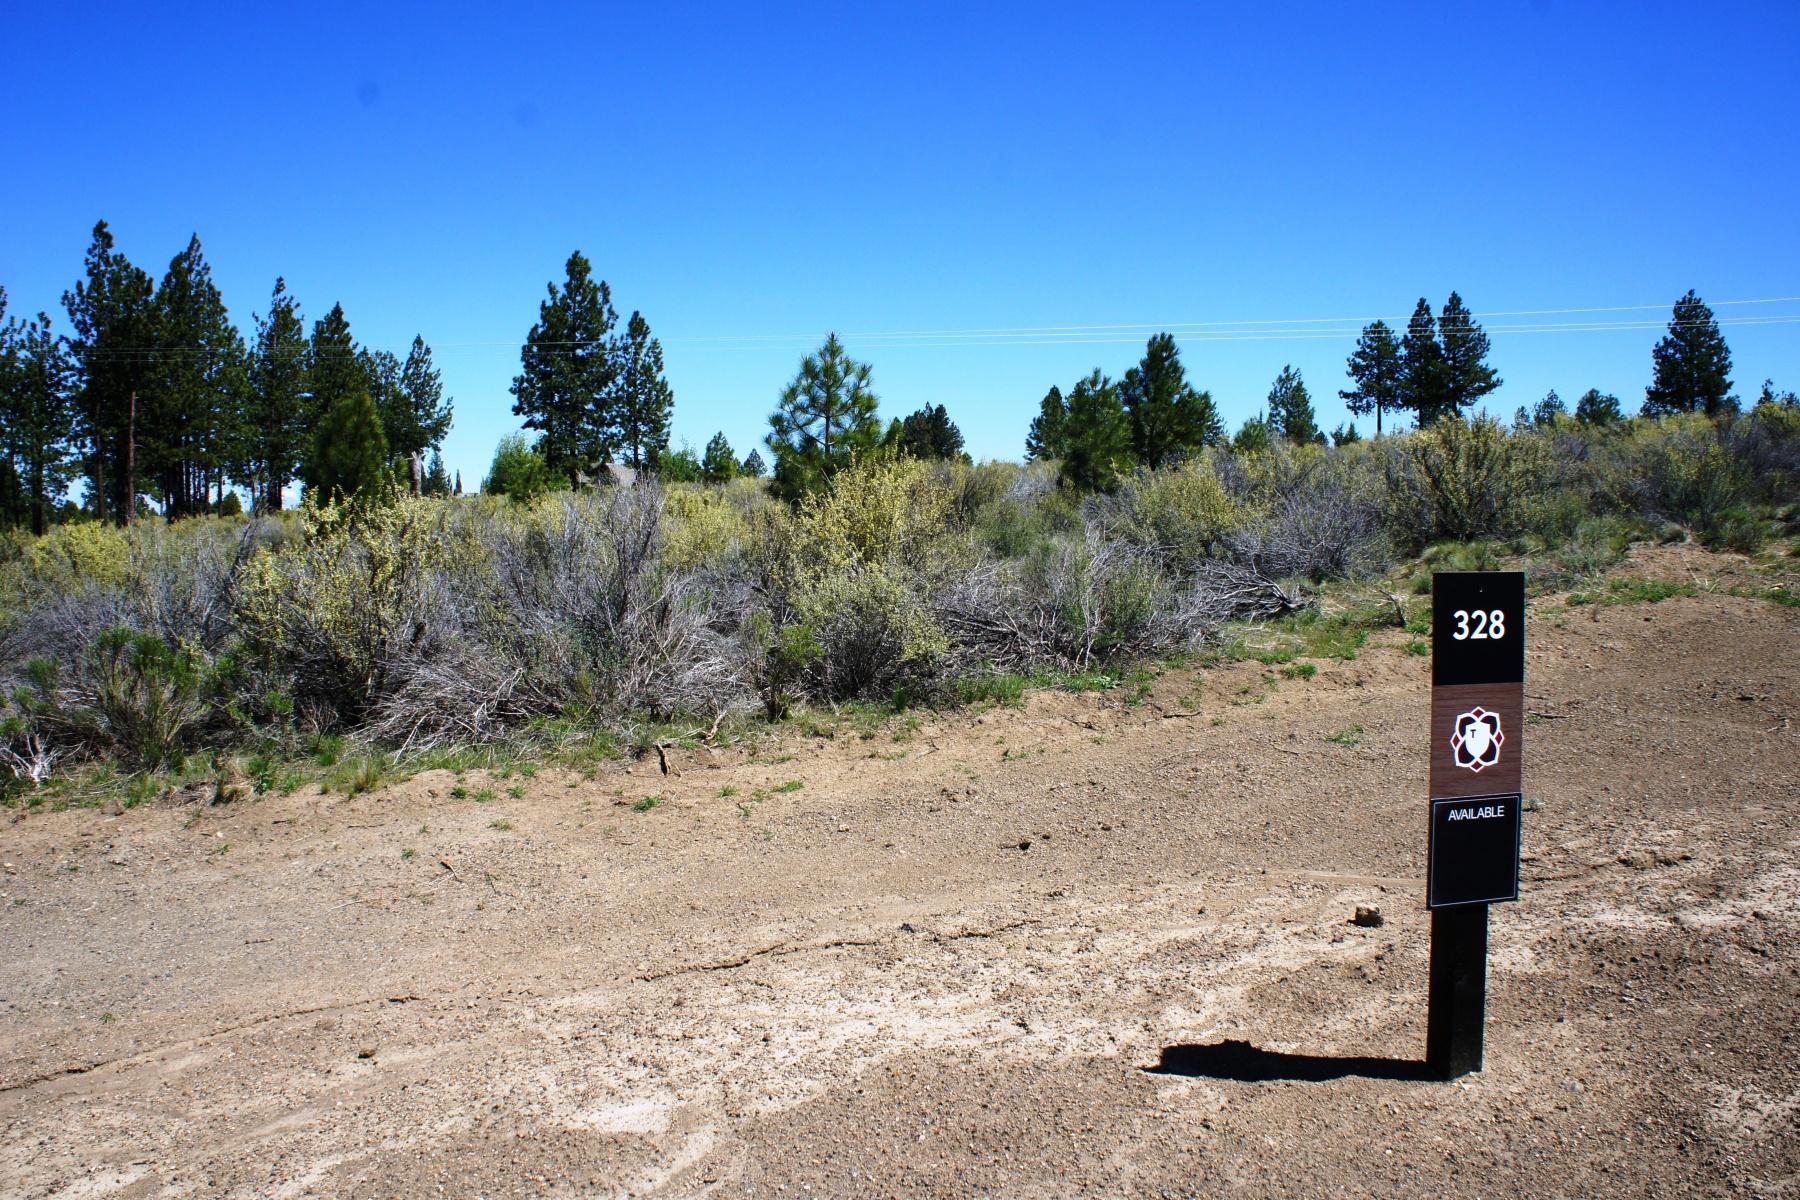 Land for Sale at 61709 Hosmer Lake Drive Lot 328, BEND 61709 Hosmer Lake Dr Lot 328 Bend, Oregon, 97702 United States